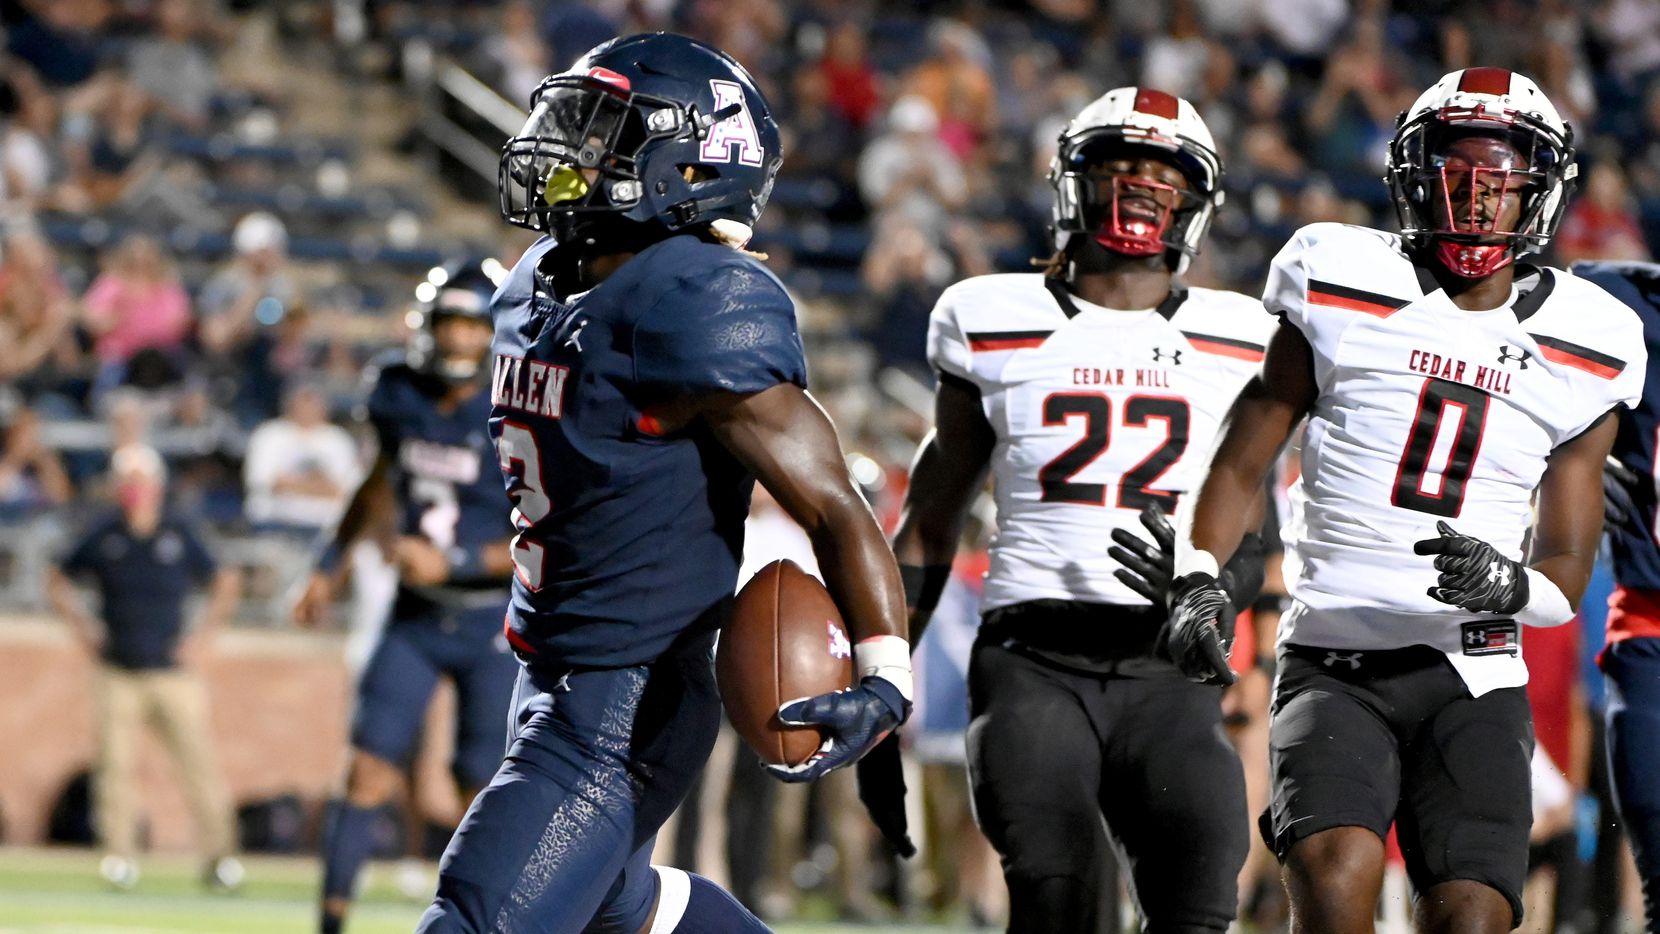 Allen's Jaylen Jenkins (2) runs in front of Cedar Hill's Kylan Salter (22) and Cedar Hill's Keandre Jackson (0) for a touchdown in the first half of a high school football game between Cedar Hill and Allen, Friday, Sept. 10, 2021, in Allen, Texas. (Matt Strasen/Special Contributor)